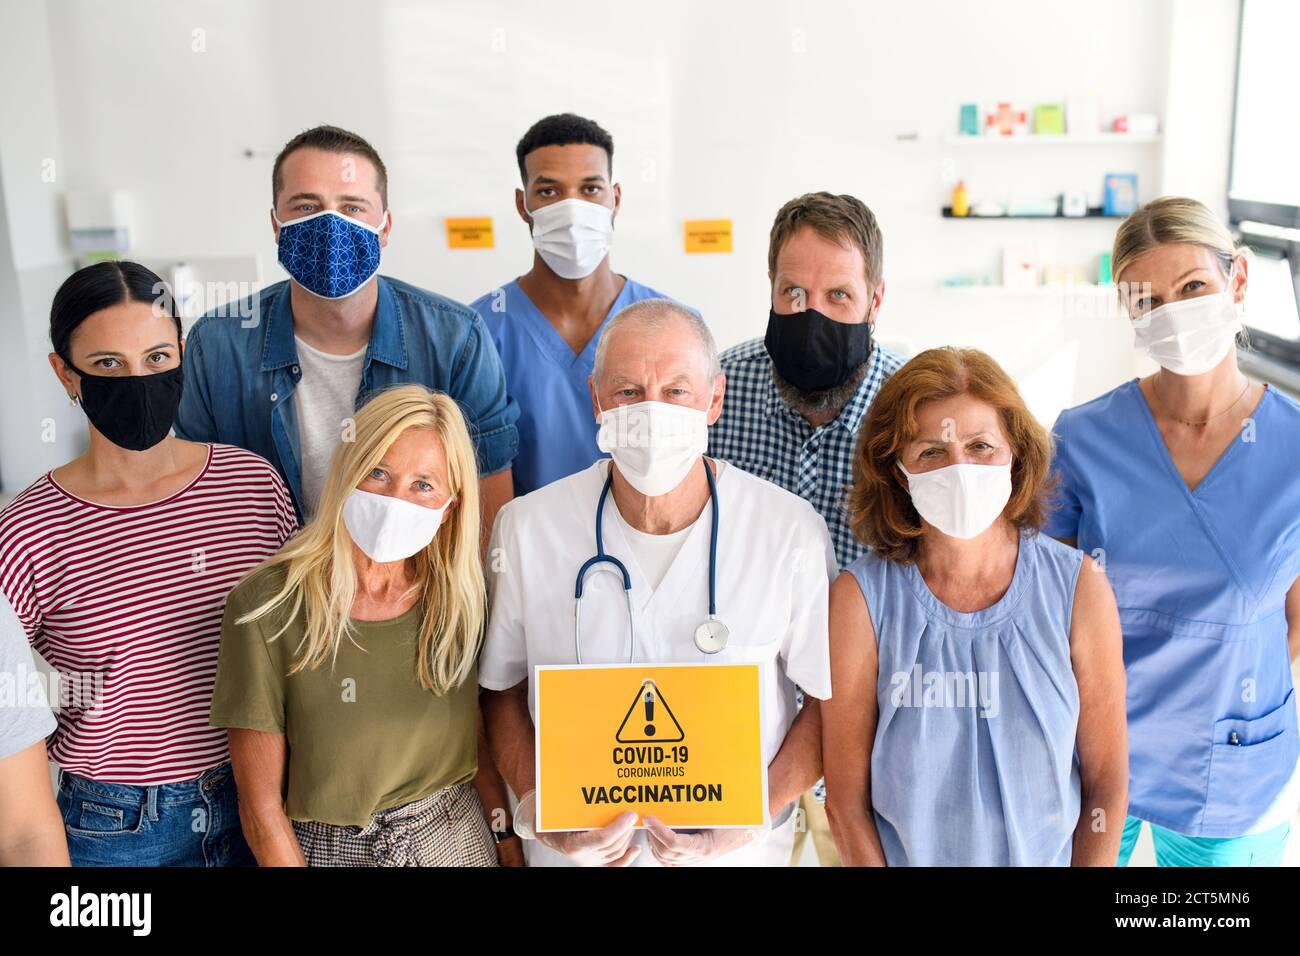 Porträt von Arzt und Menschen mit Gesichtsmasken, Coronavirus, covid-19 und Impfkonzept. Stockfoto